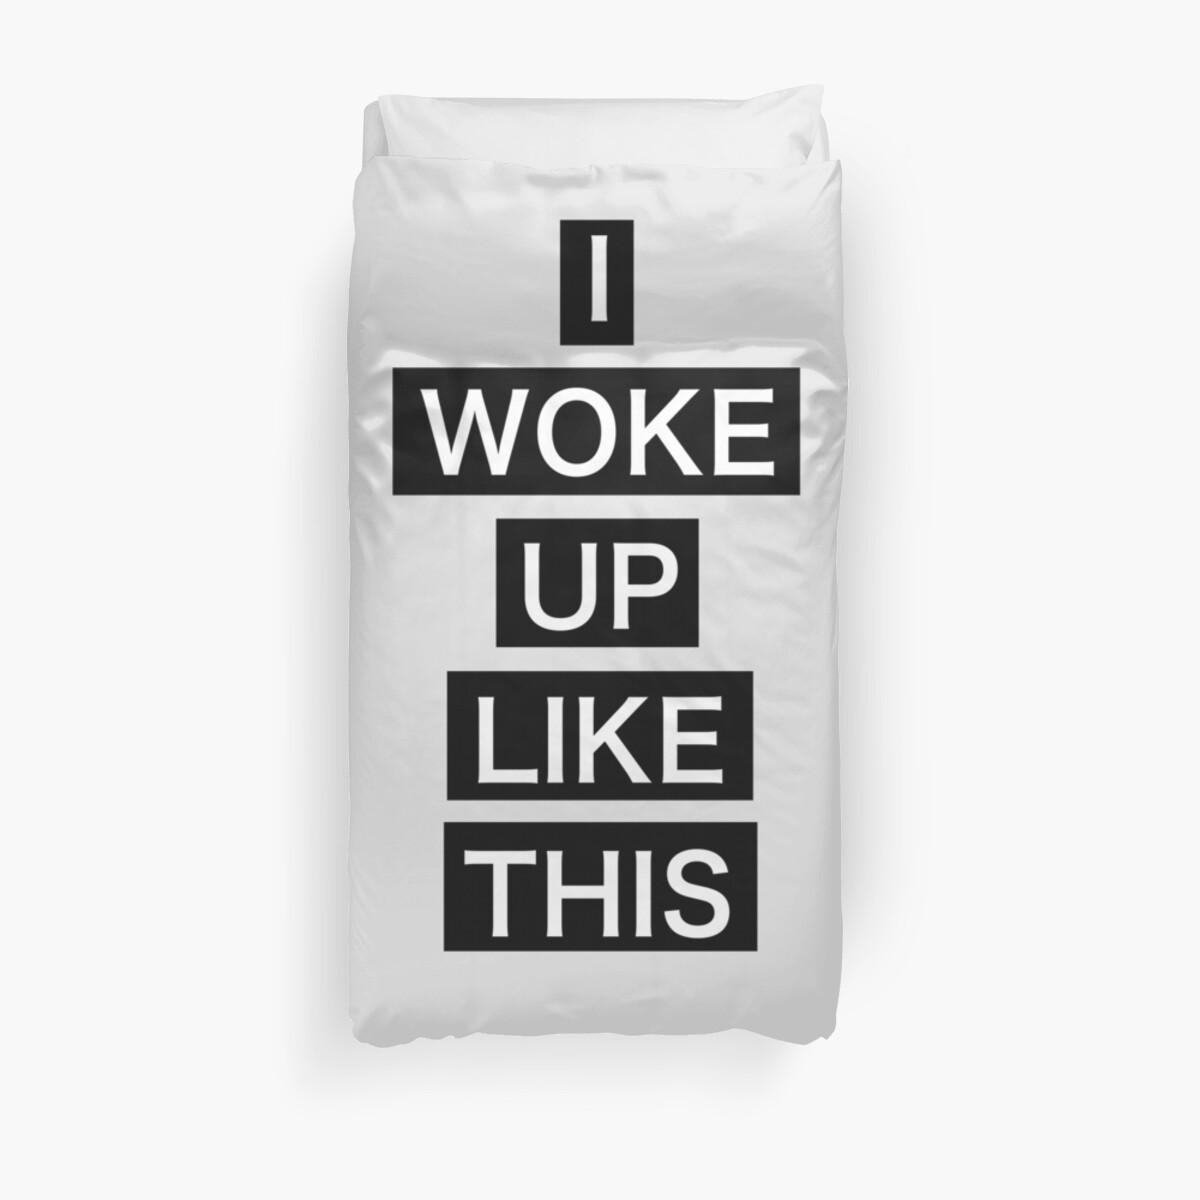 I Woke Up Like This By Alexandra552